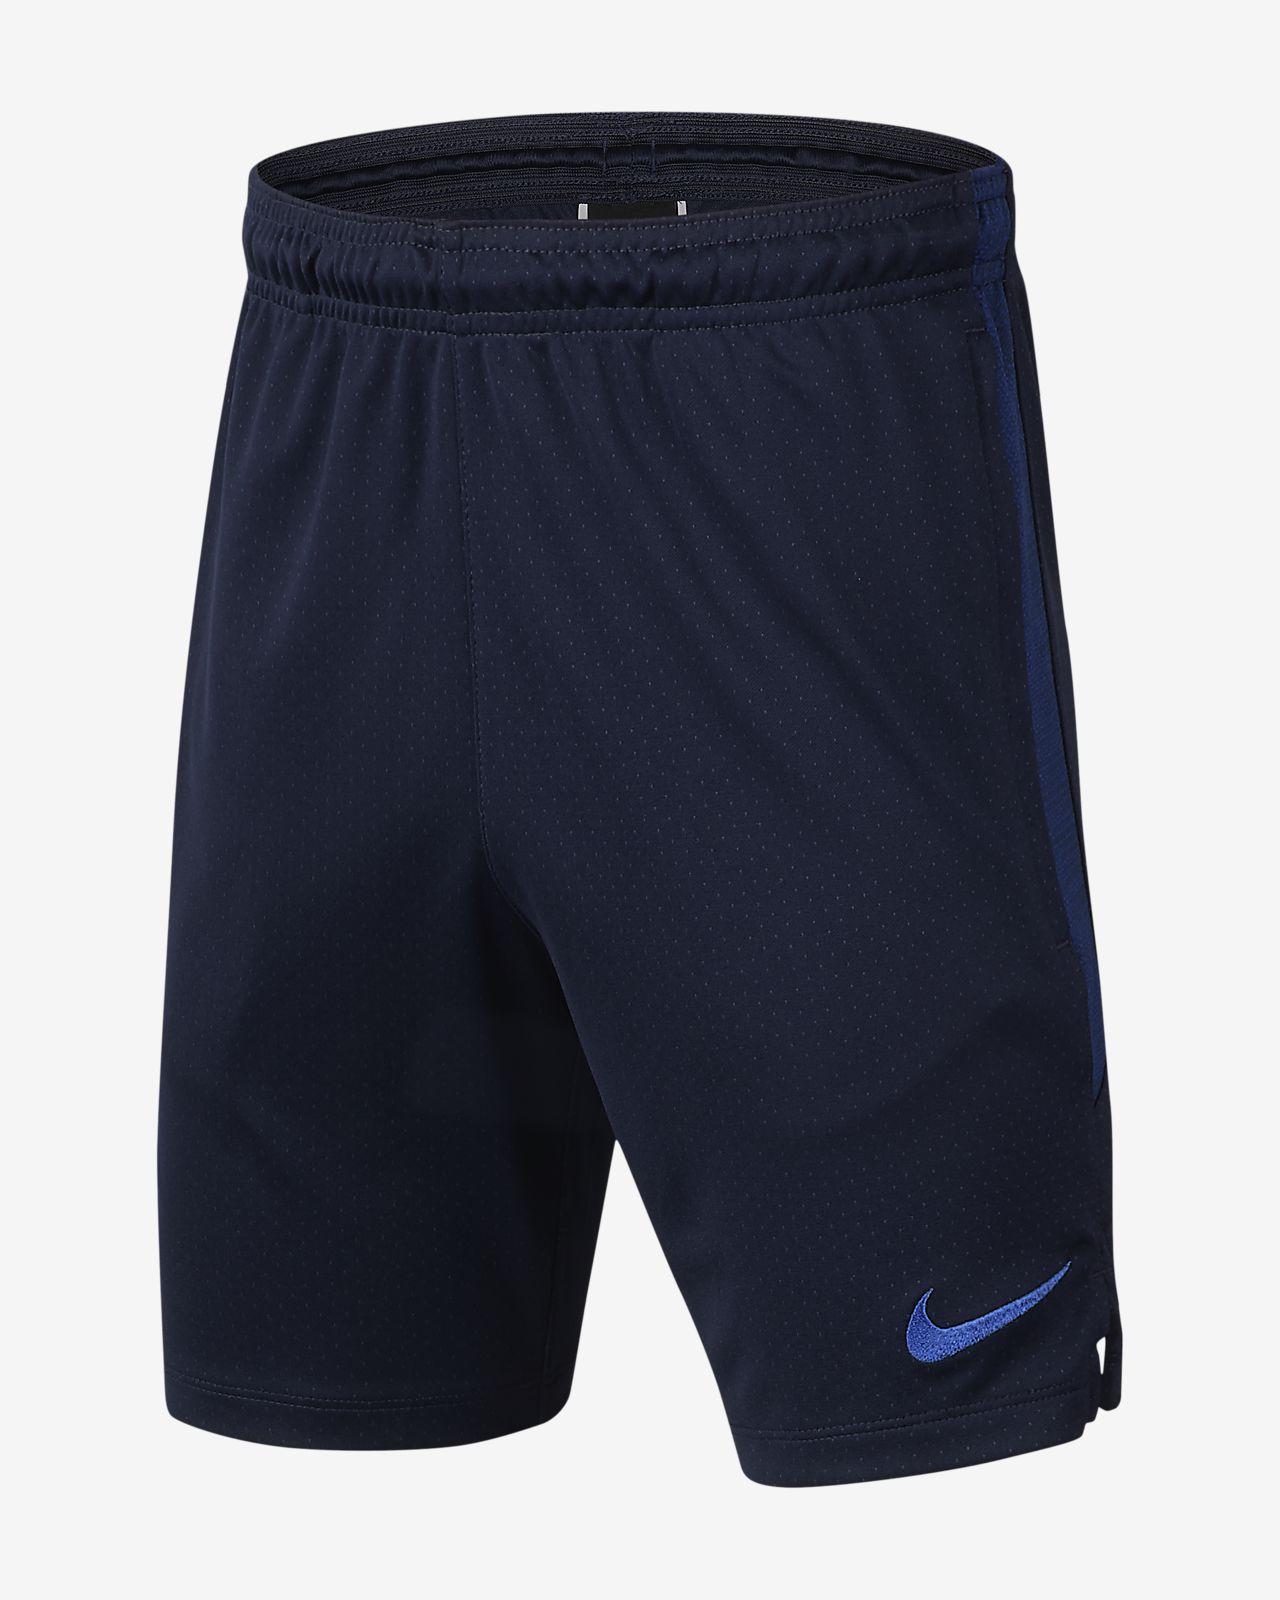 Spodenki piłkarskie dla dużych dzieci Nike Dri-FIT Chelsea FC Strike